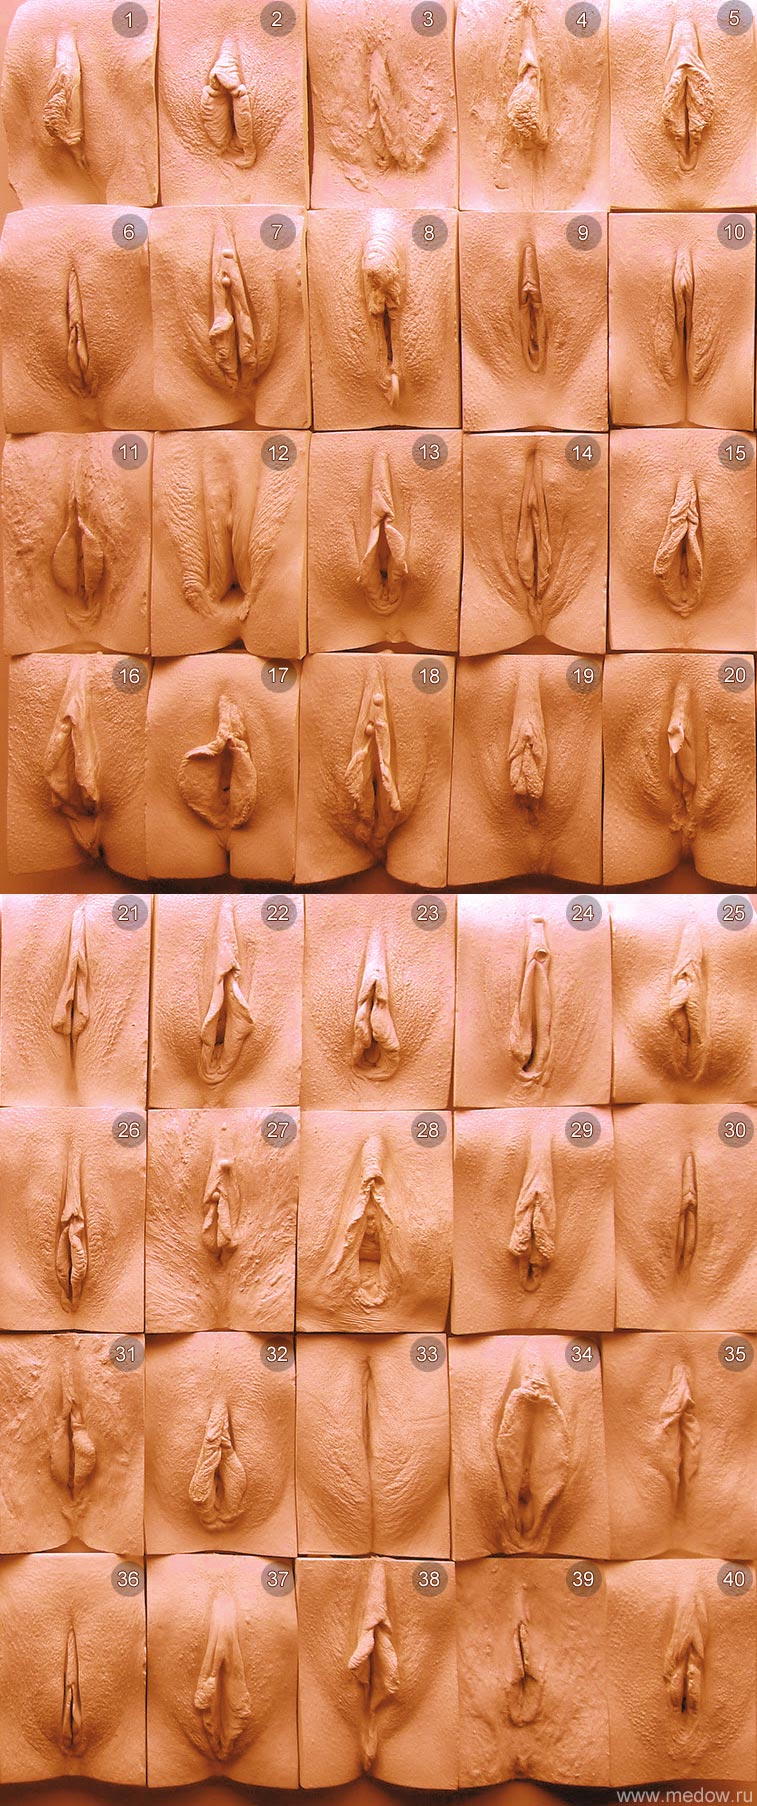 Фото виды влагалища 8 фотография